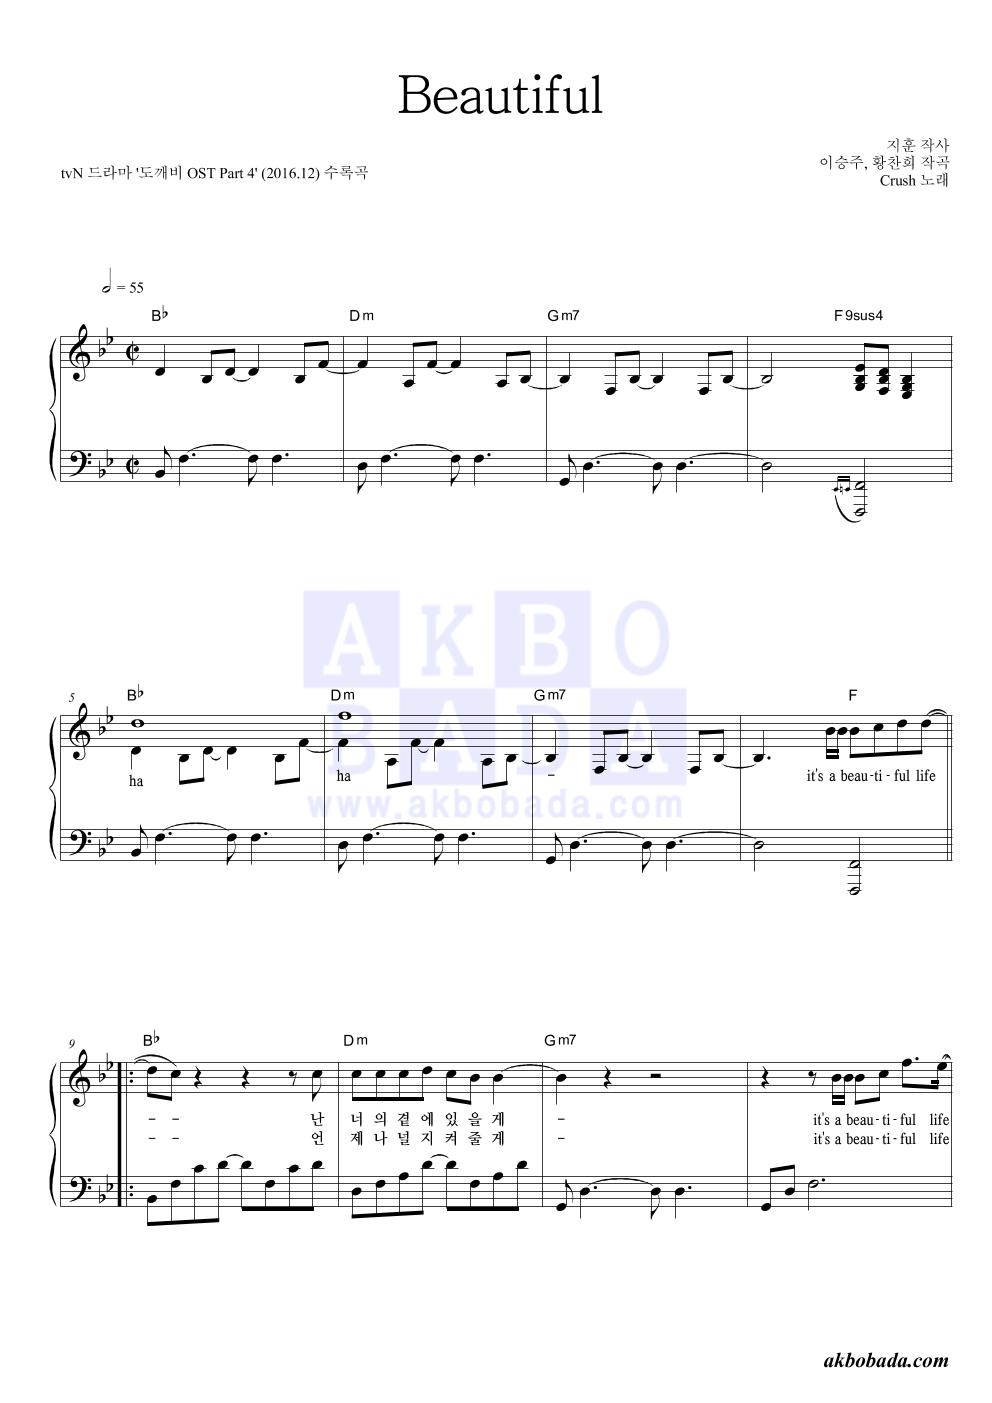 크러쉬 - Beautiful 피아노 2단 악보